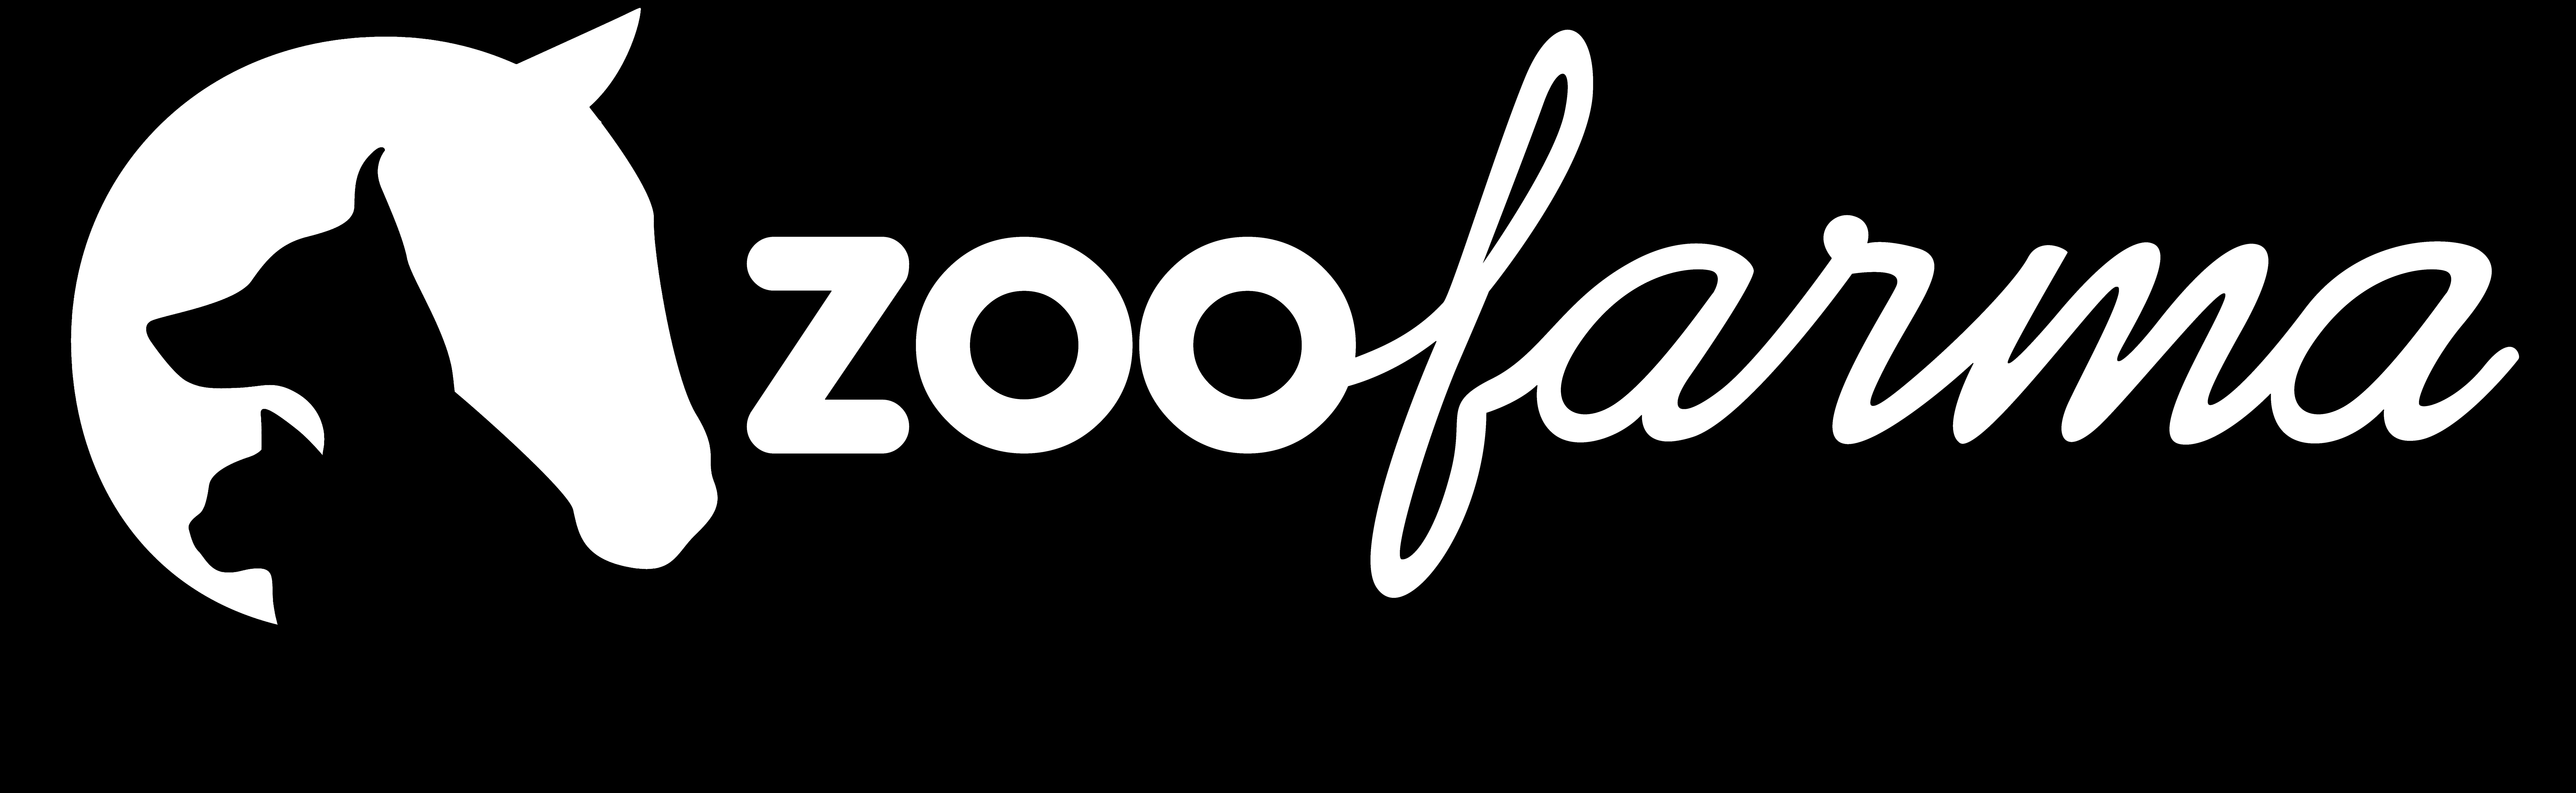 Zoofarma. Farmacia Veterinaria en Almería